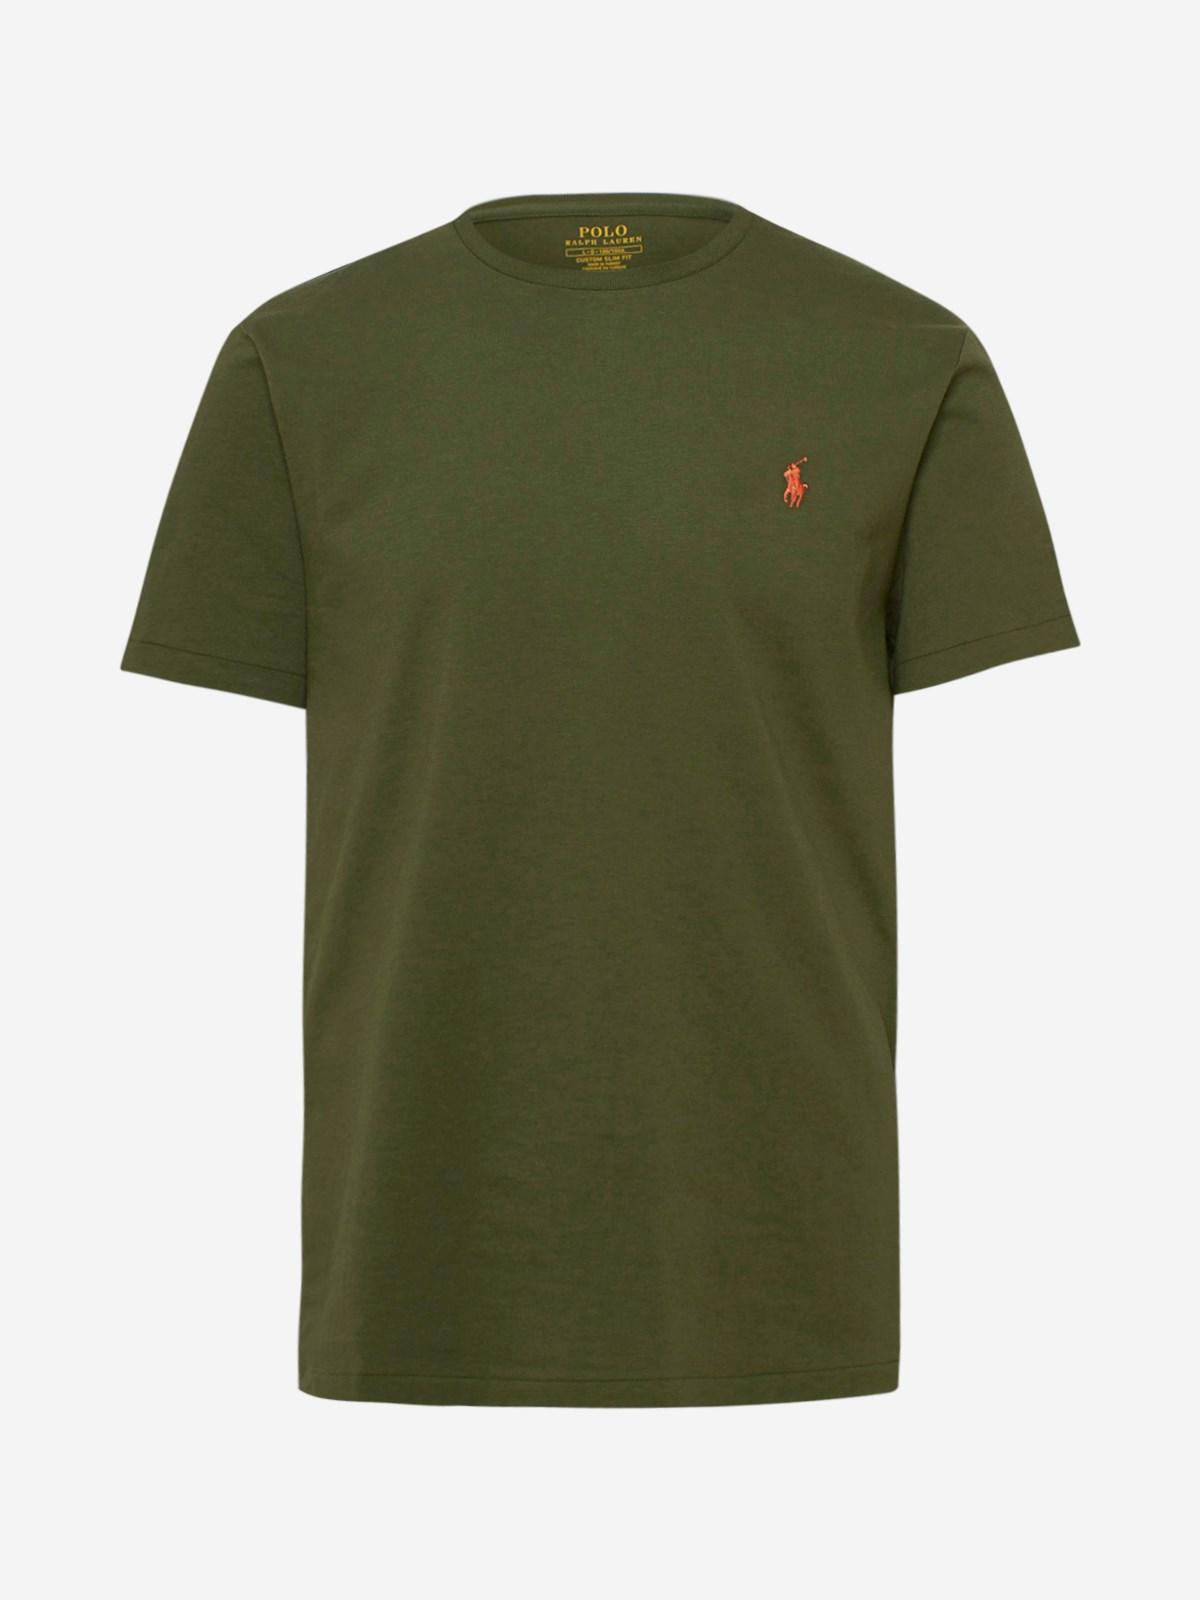 Polo Ralph Lauren T-shirts GREEN T-SHIRT